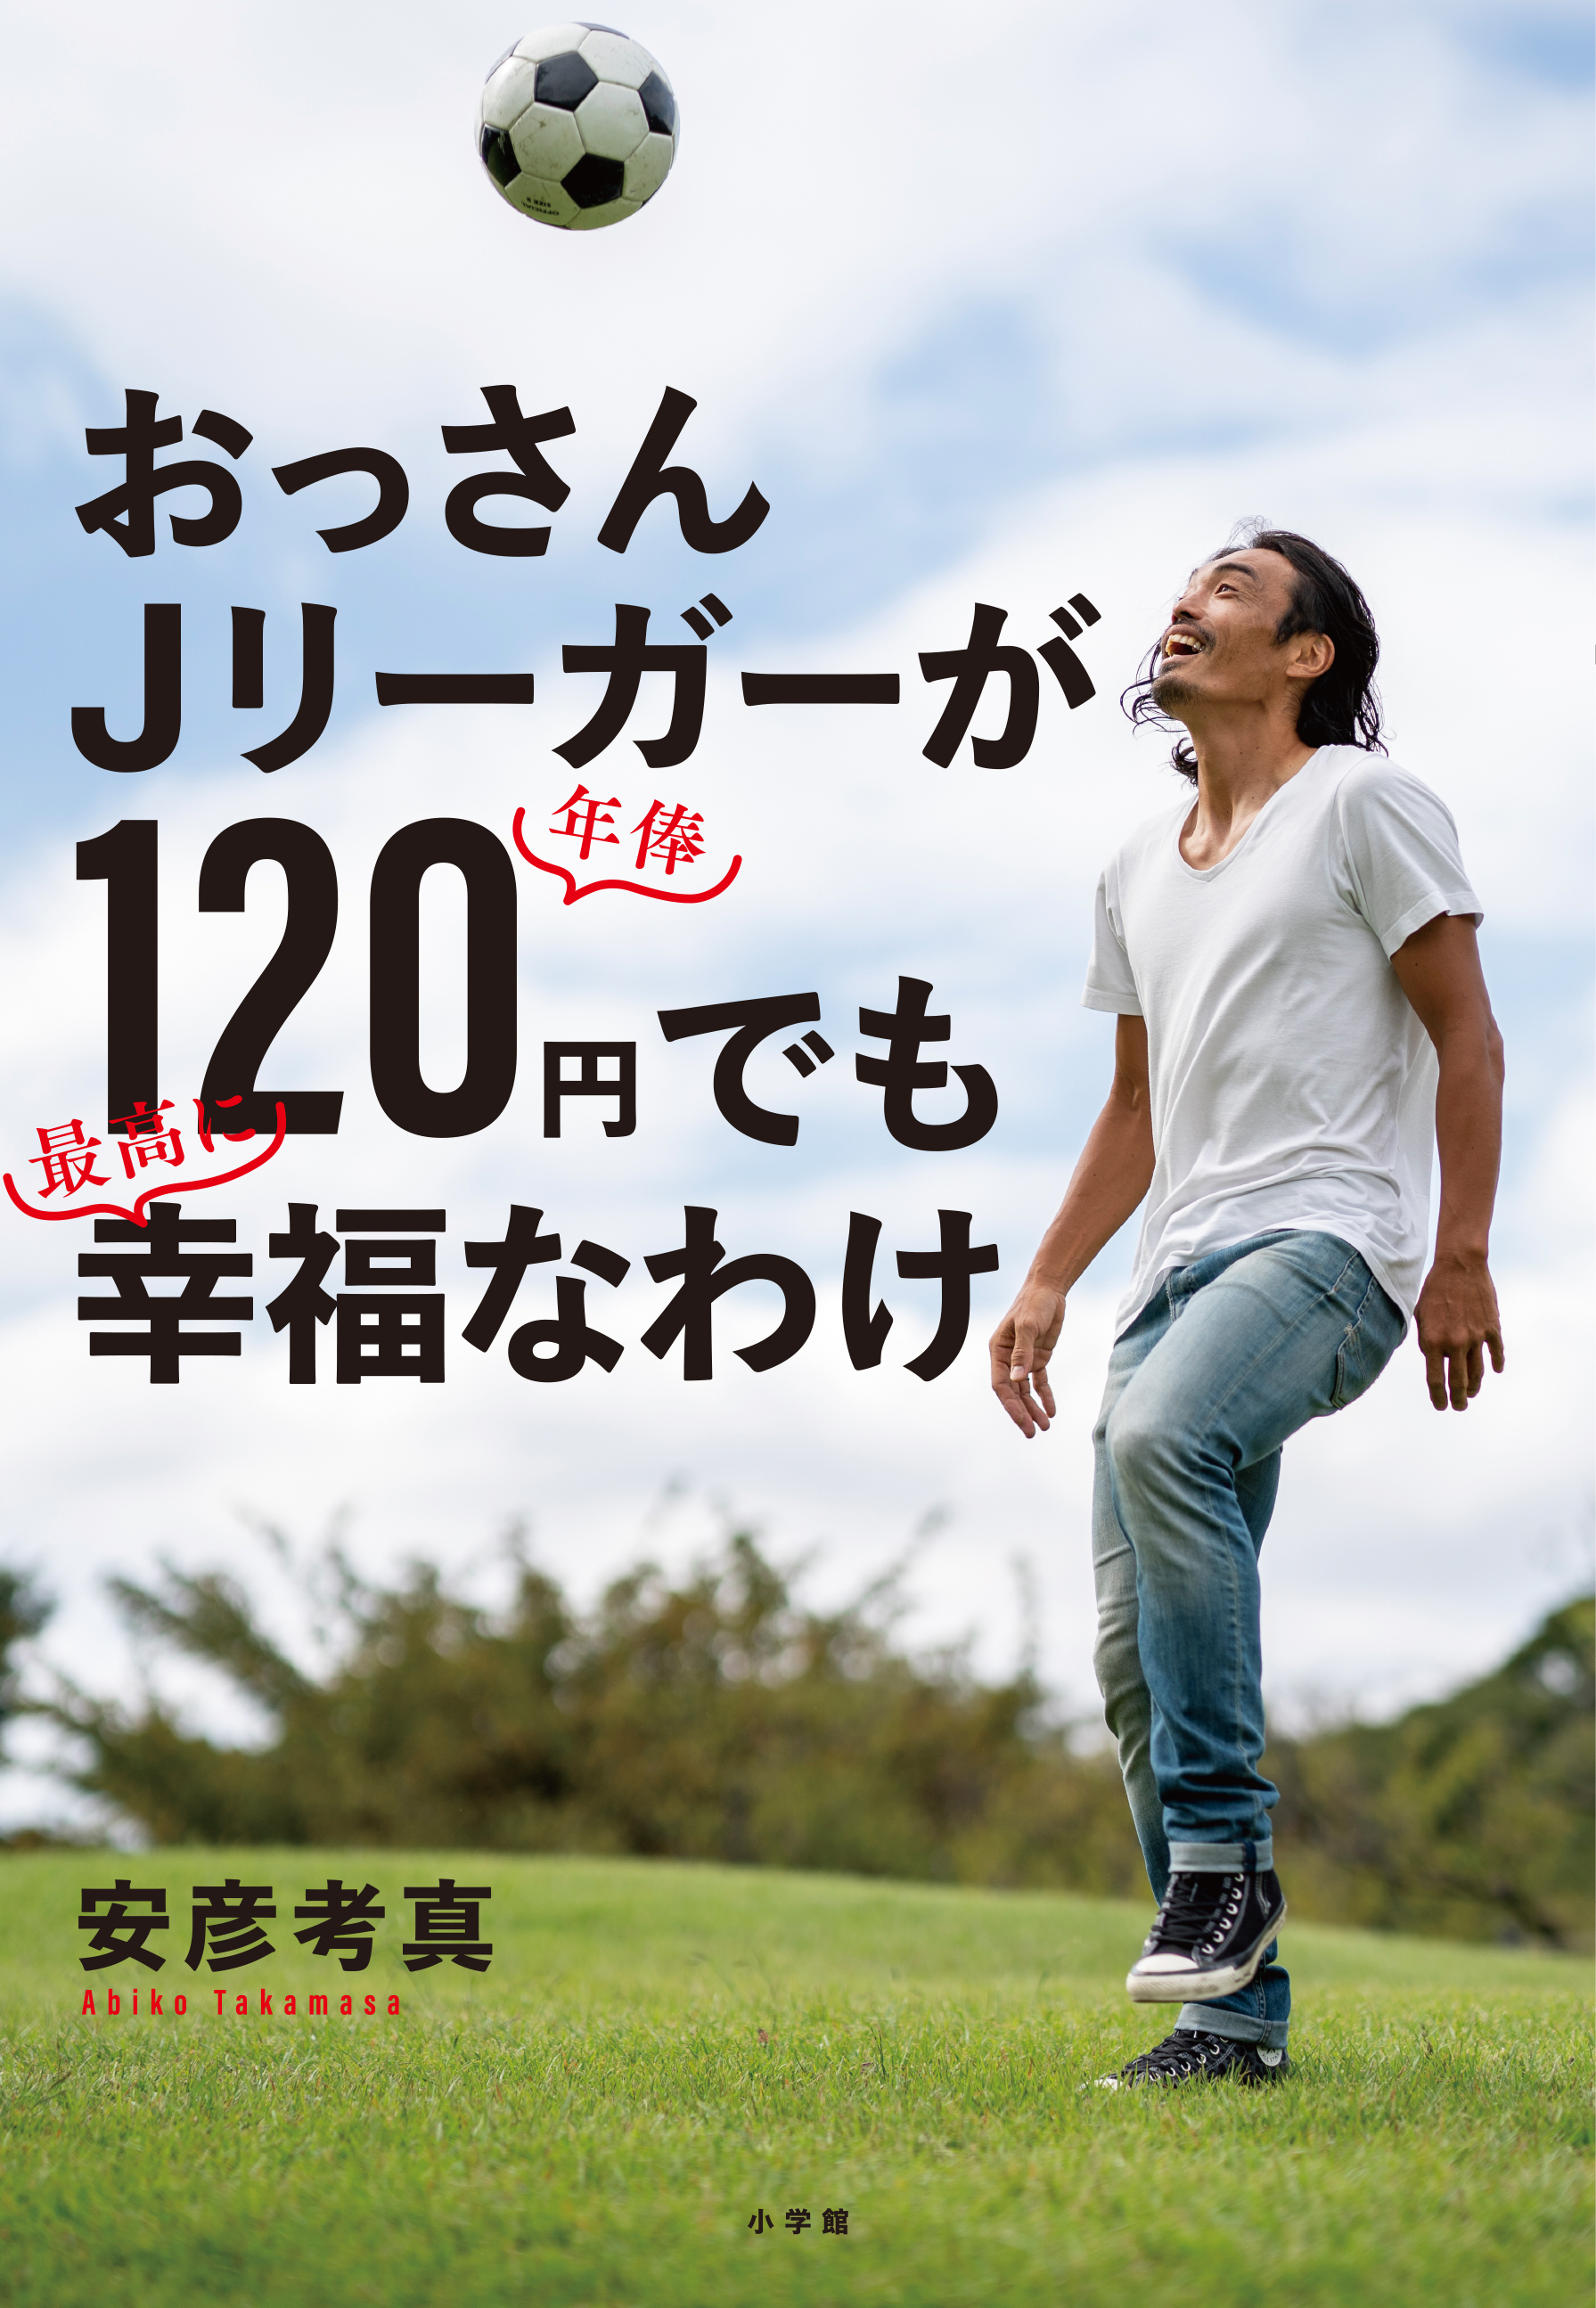 安彦考真さんの初となる書籍『おっさんJリーガーが年俸120円でも最高に幸福なわけ』